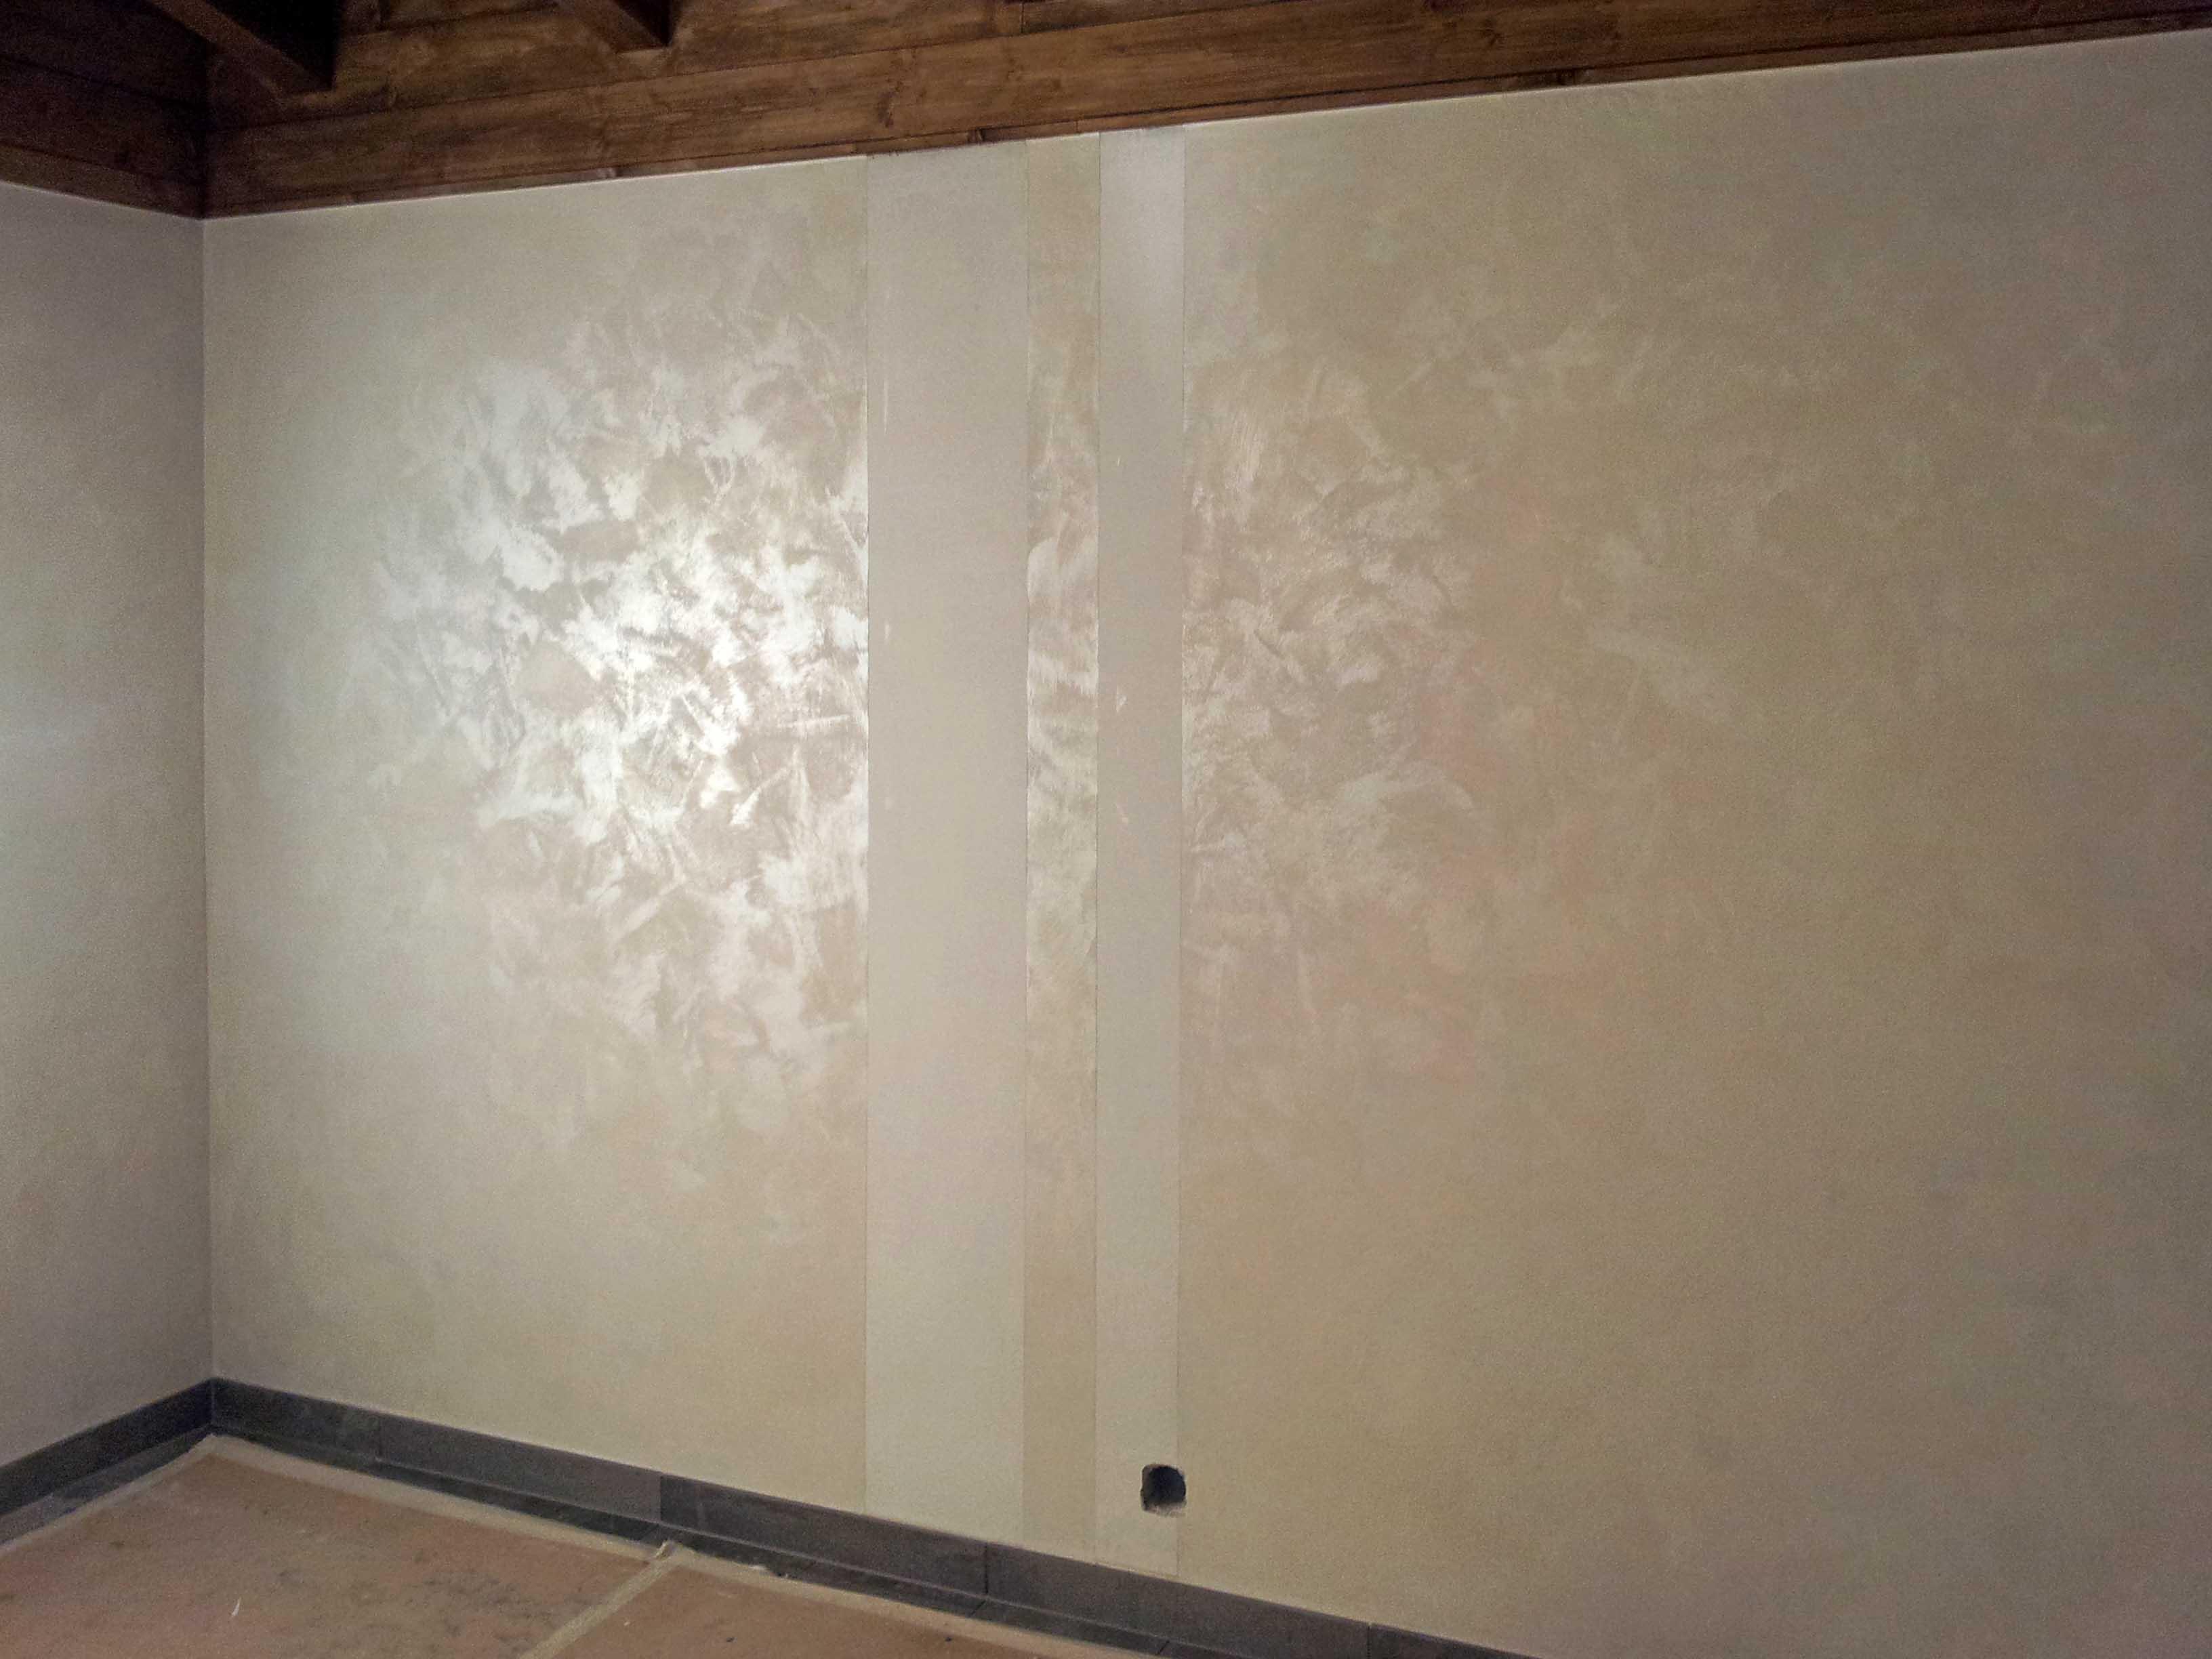 peinture sur lasure peinture pour lambris lasure artisan pour travaux hyeres peinture ou. Black Bedroom Furniture Sets. Home Design Ideas